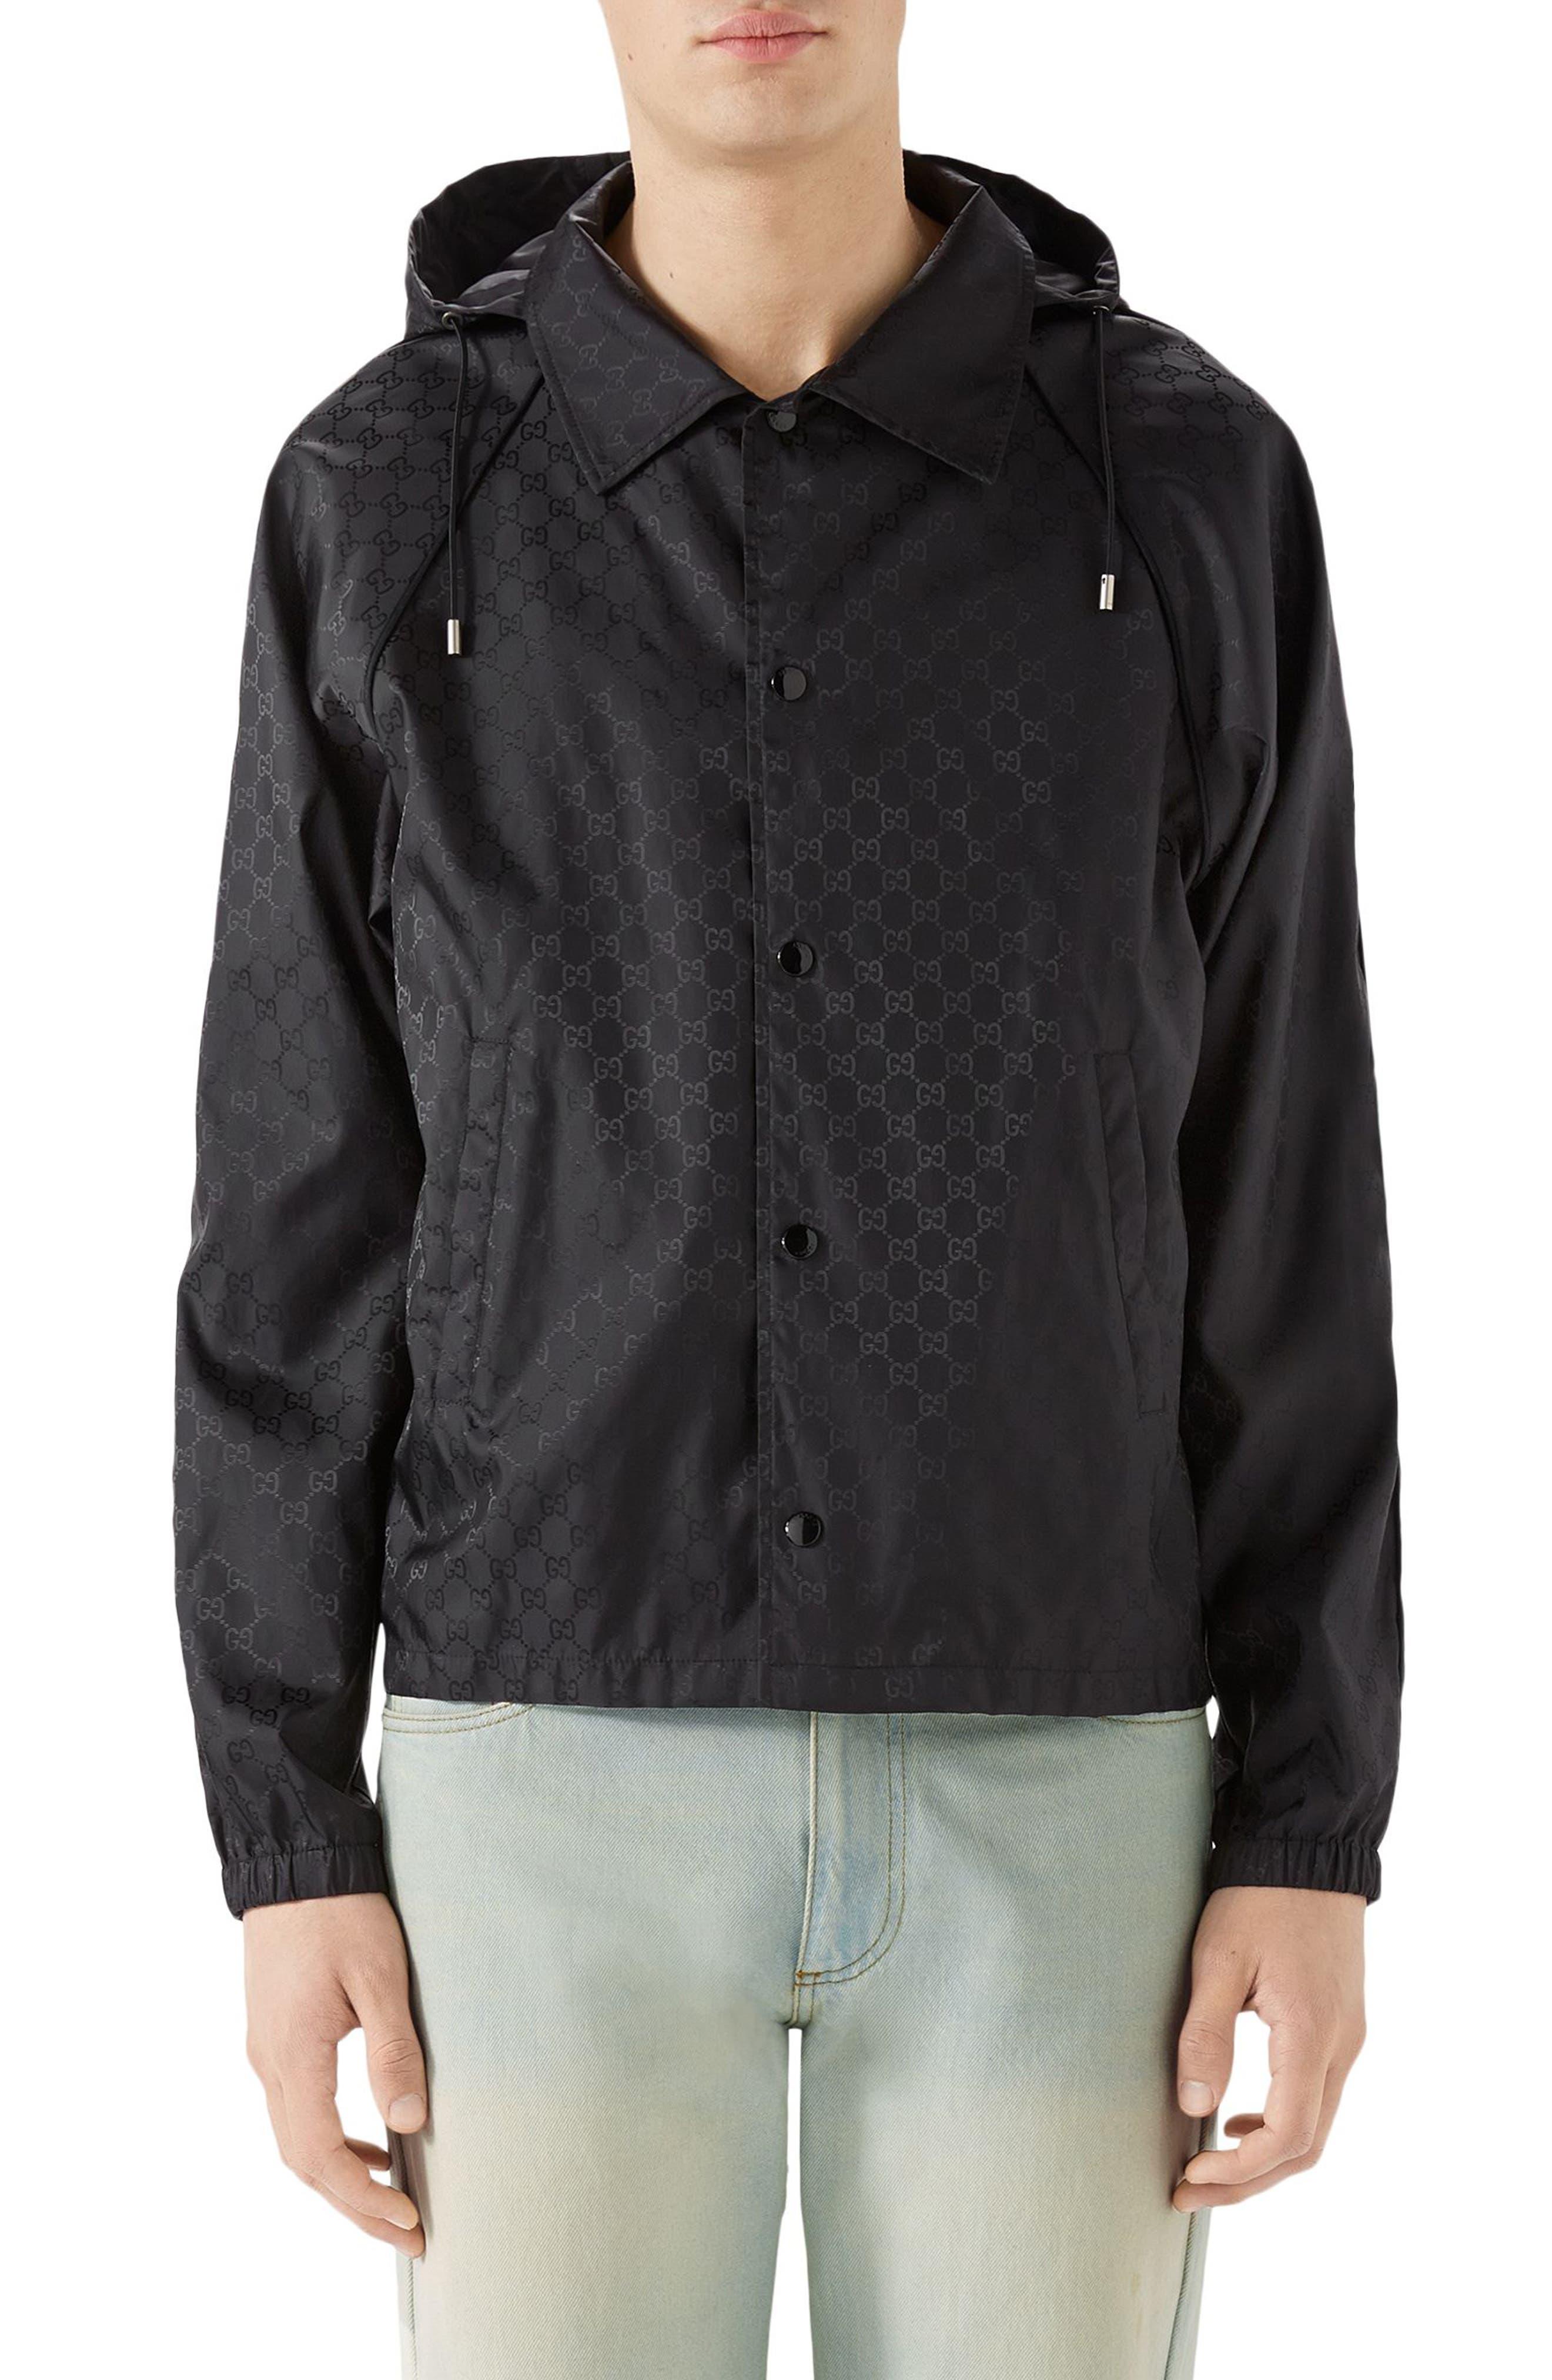 GG Jacquard Print Nylon Jacket,                         Main,                         color, BLACK